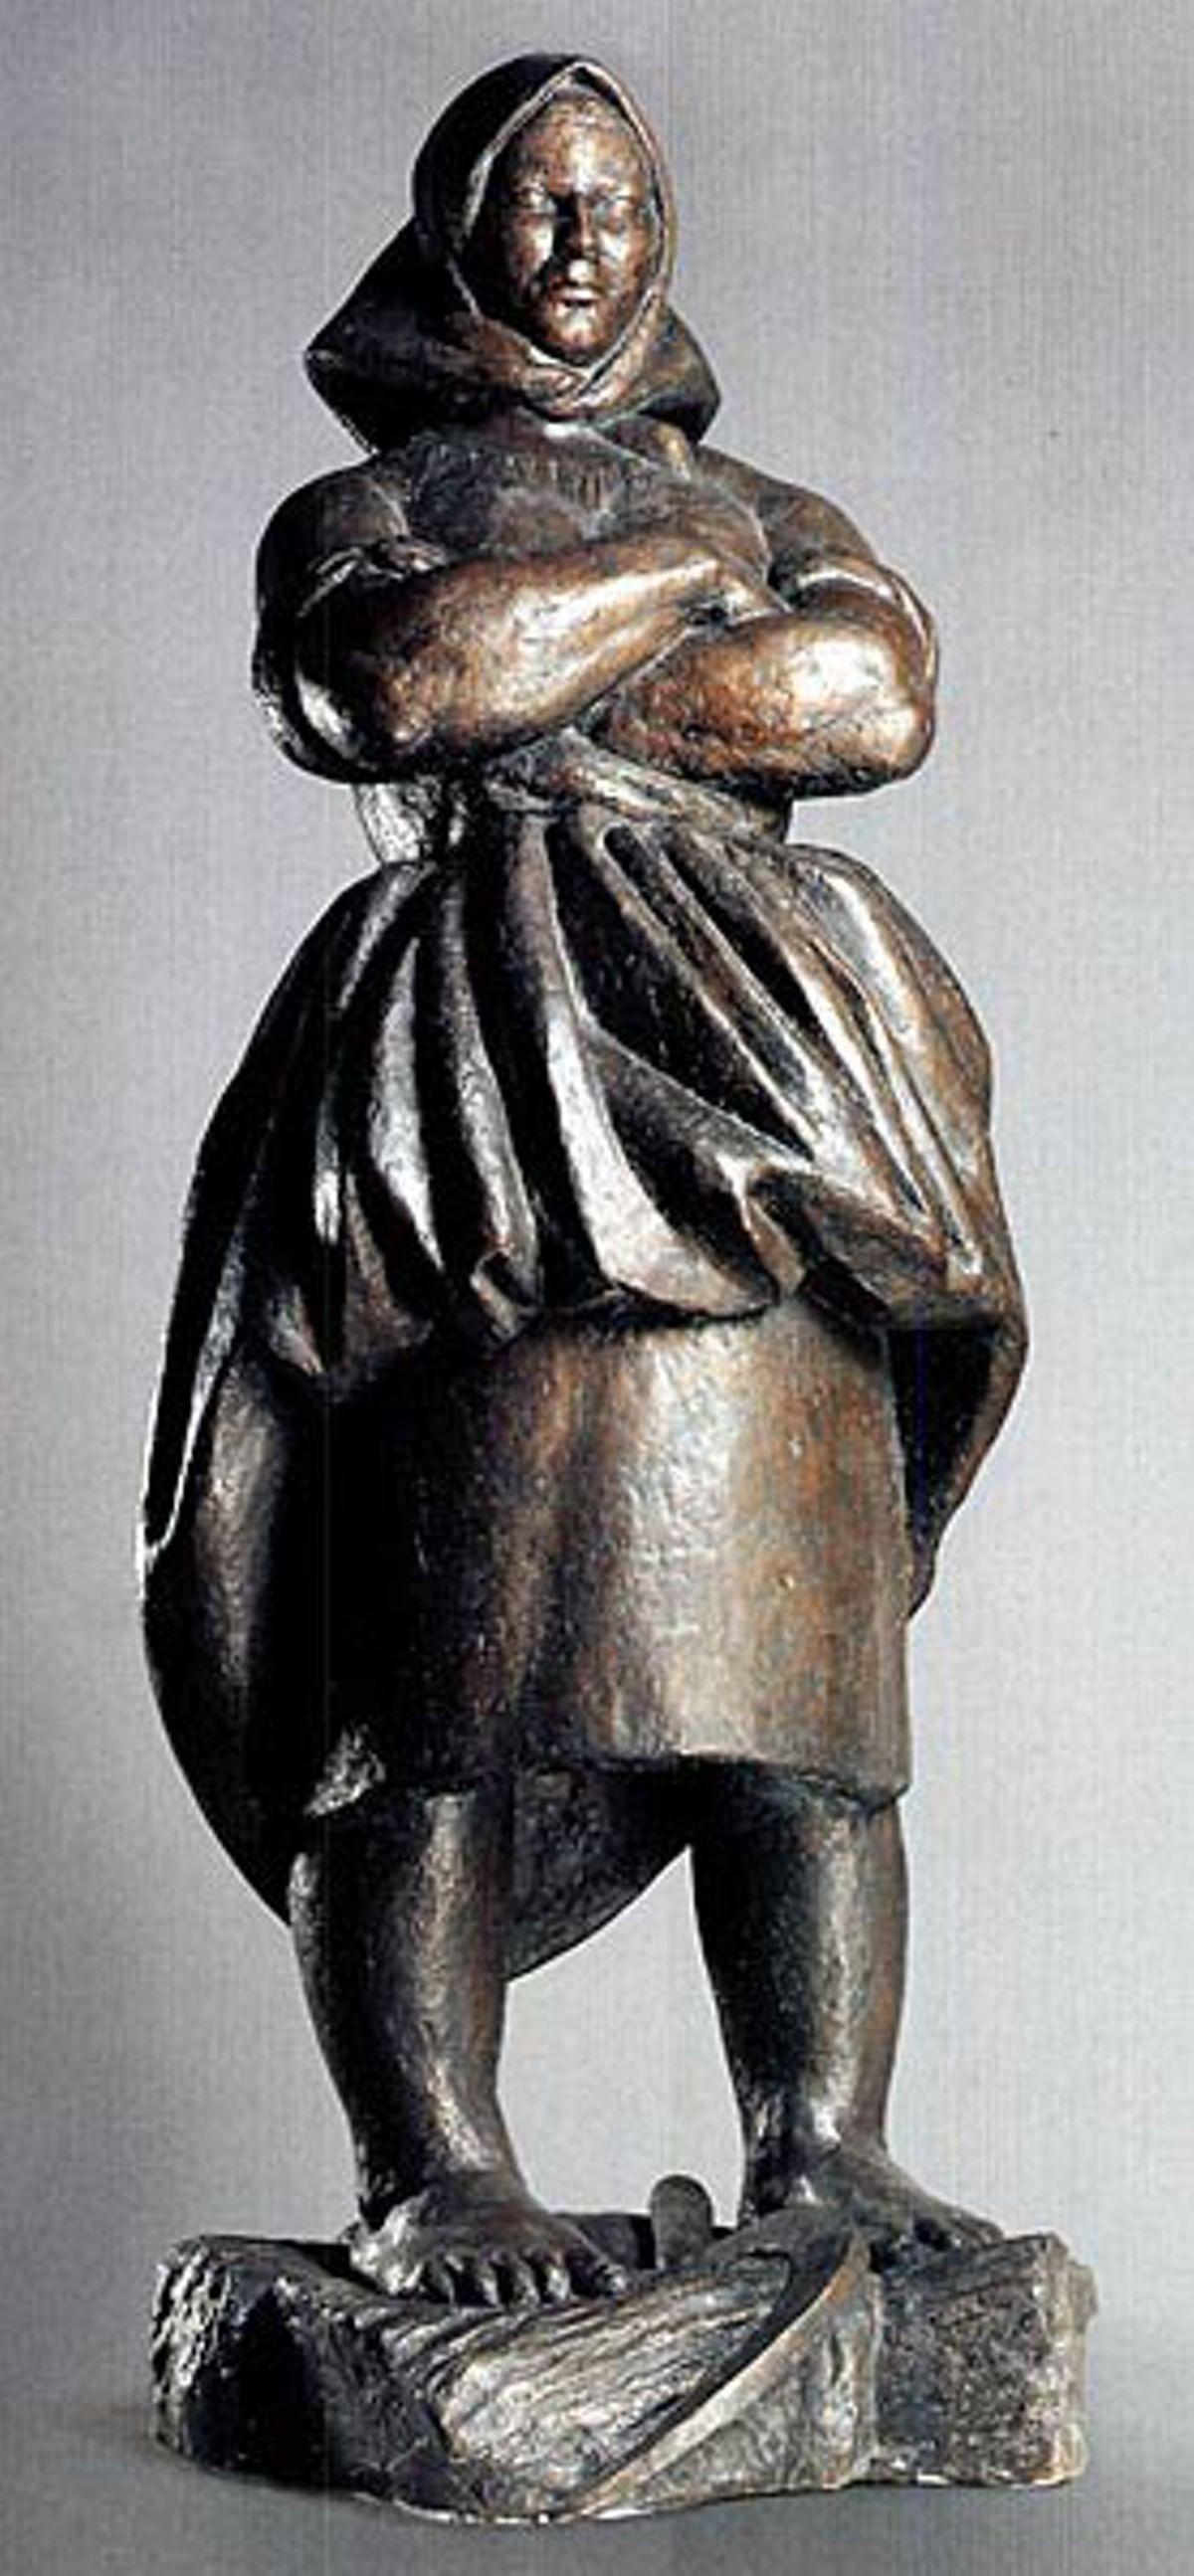 Первая дама советской скульптуры. 10 фактов о Вере Мухиной. Галерея 2